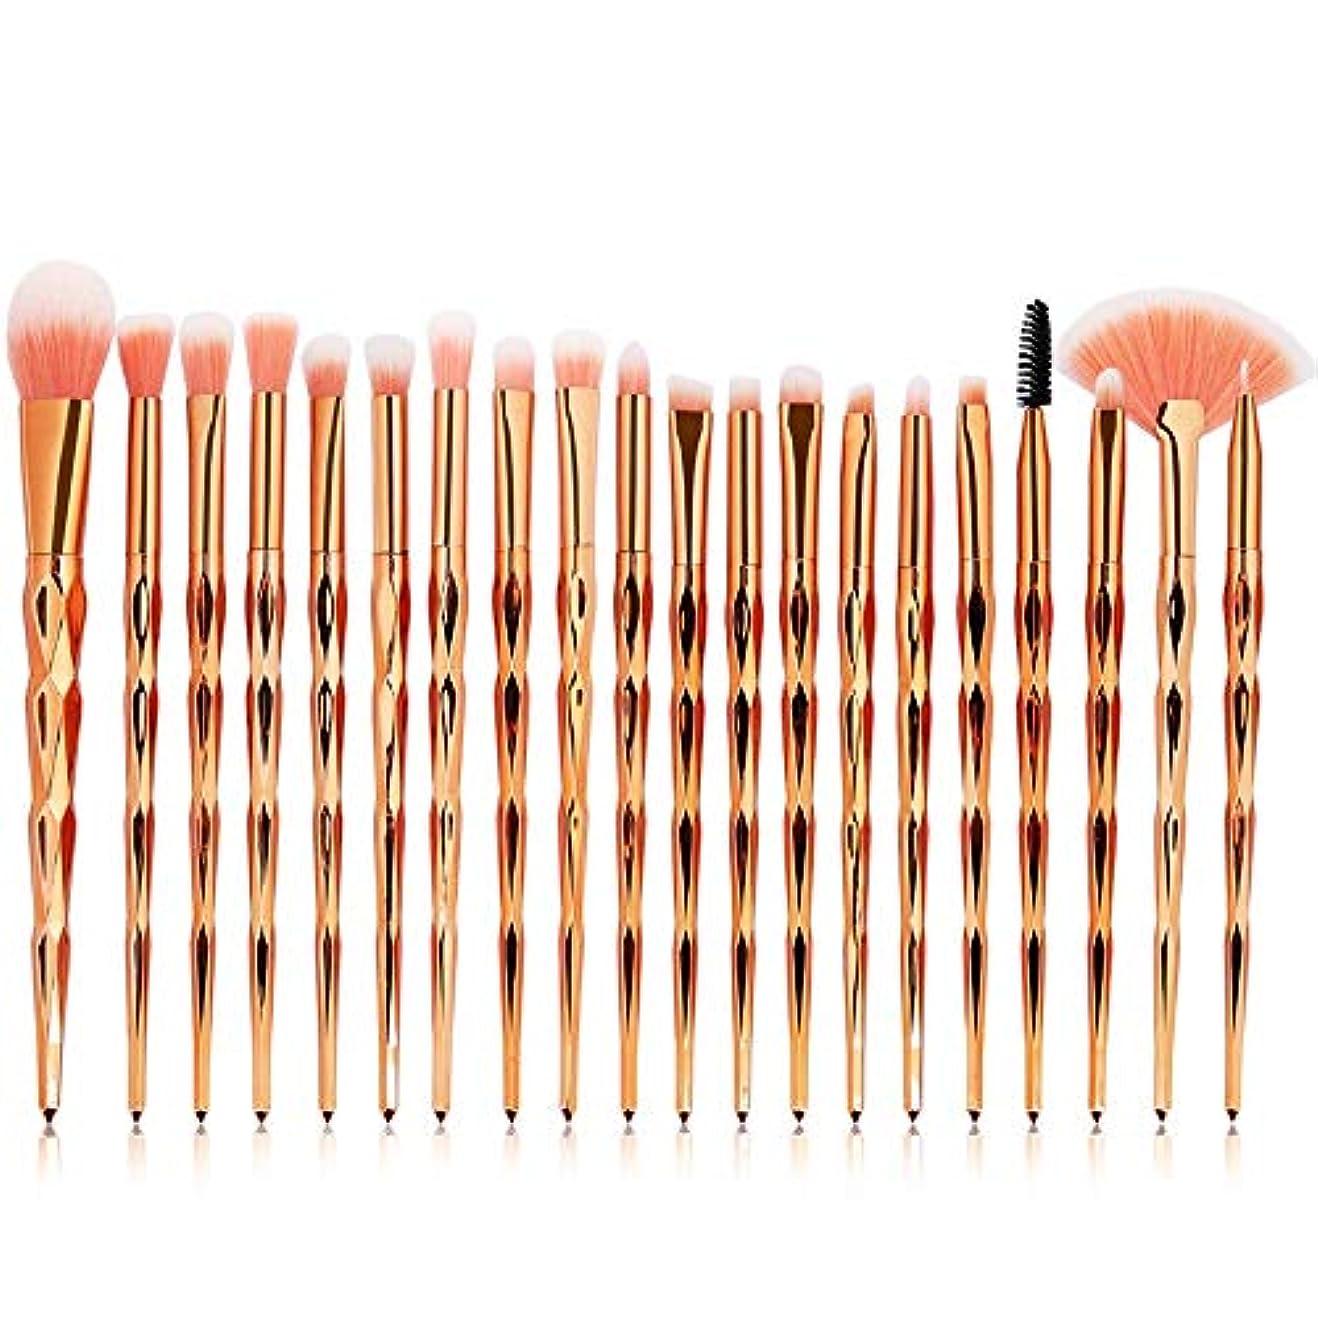 Makeup brushes イエロー、20ダイヤモンドメイクブラシセットファンデーションパウダーブラッシュアイシャドウリップブラシモトリーメイクメイク suits (Color : Golden)